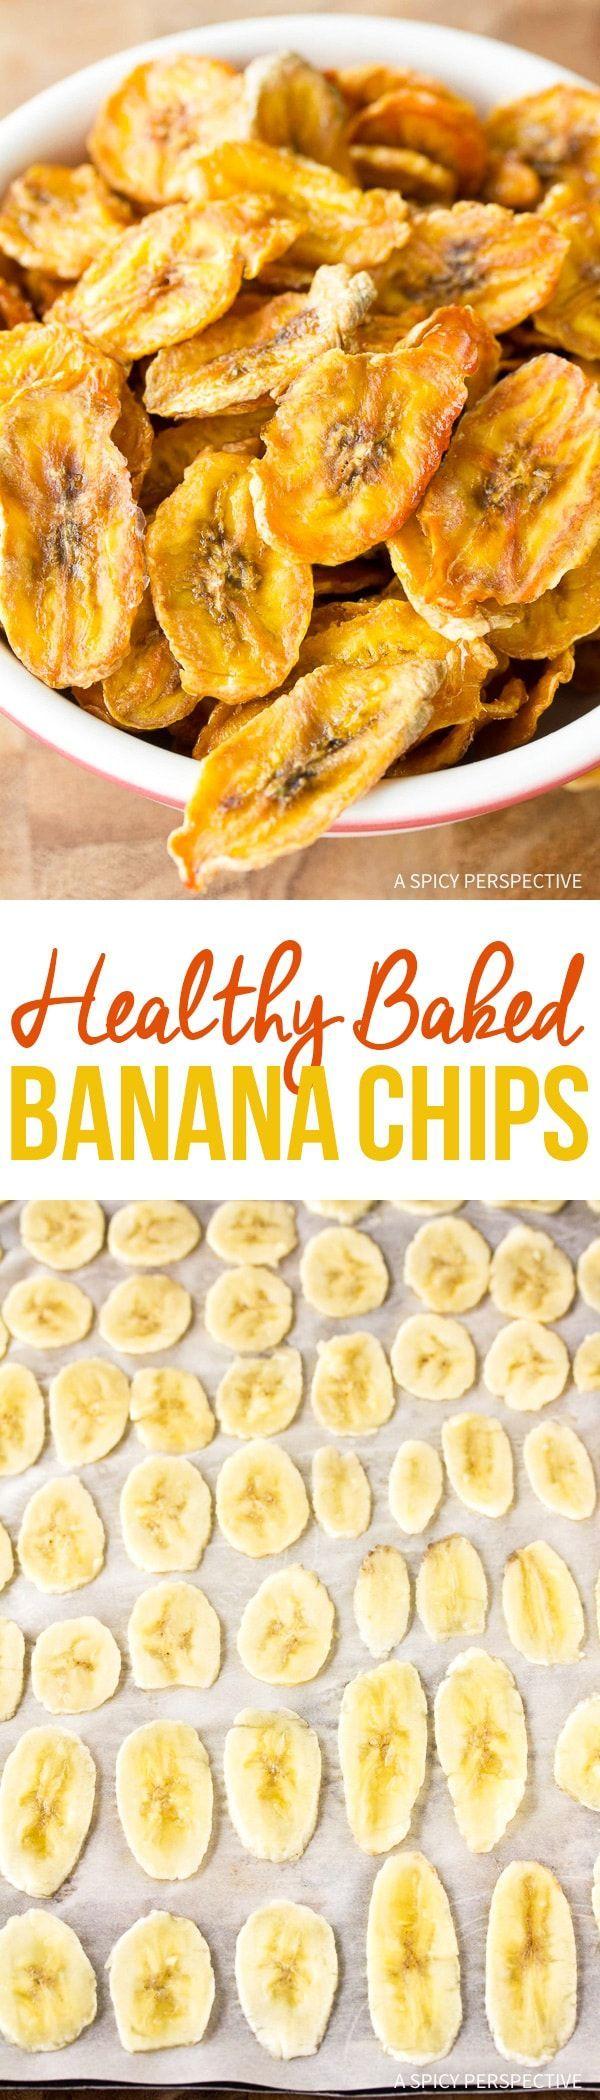 how to make healthy banana chips at home